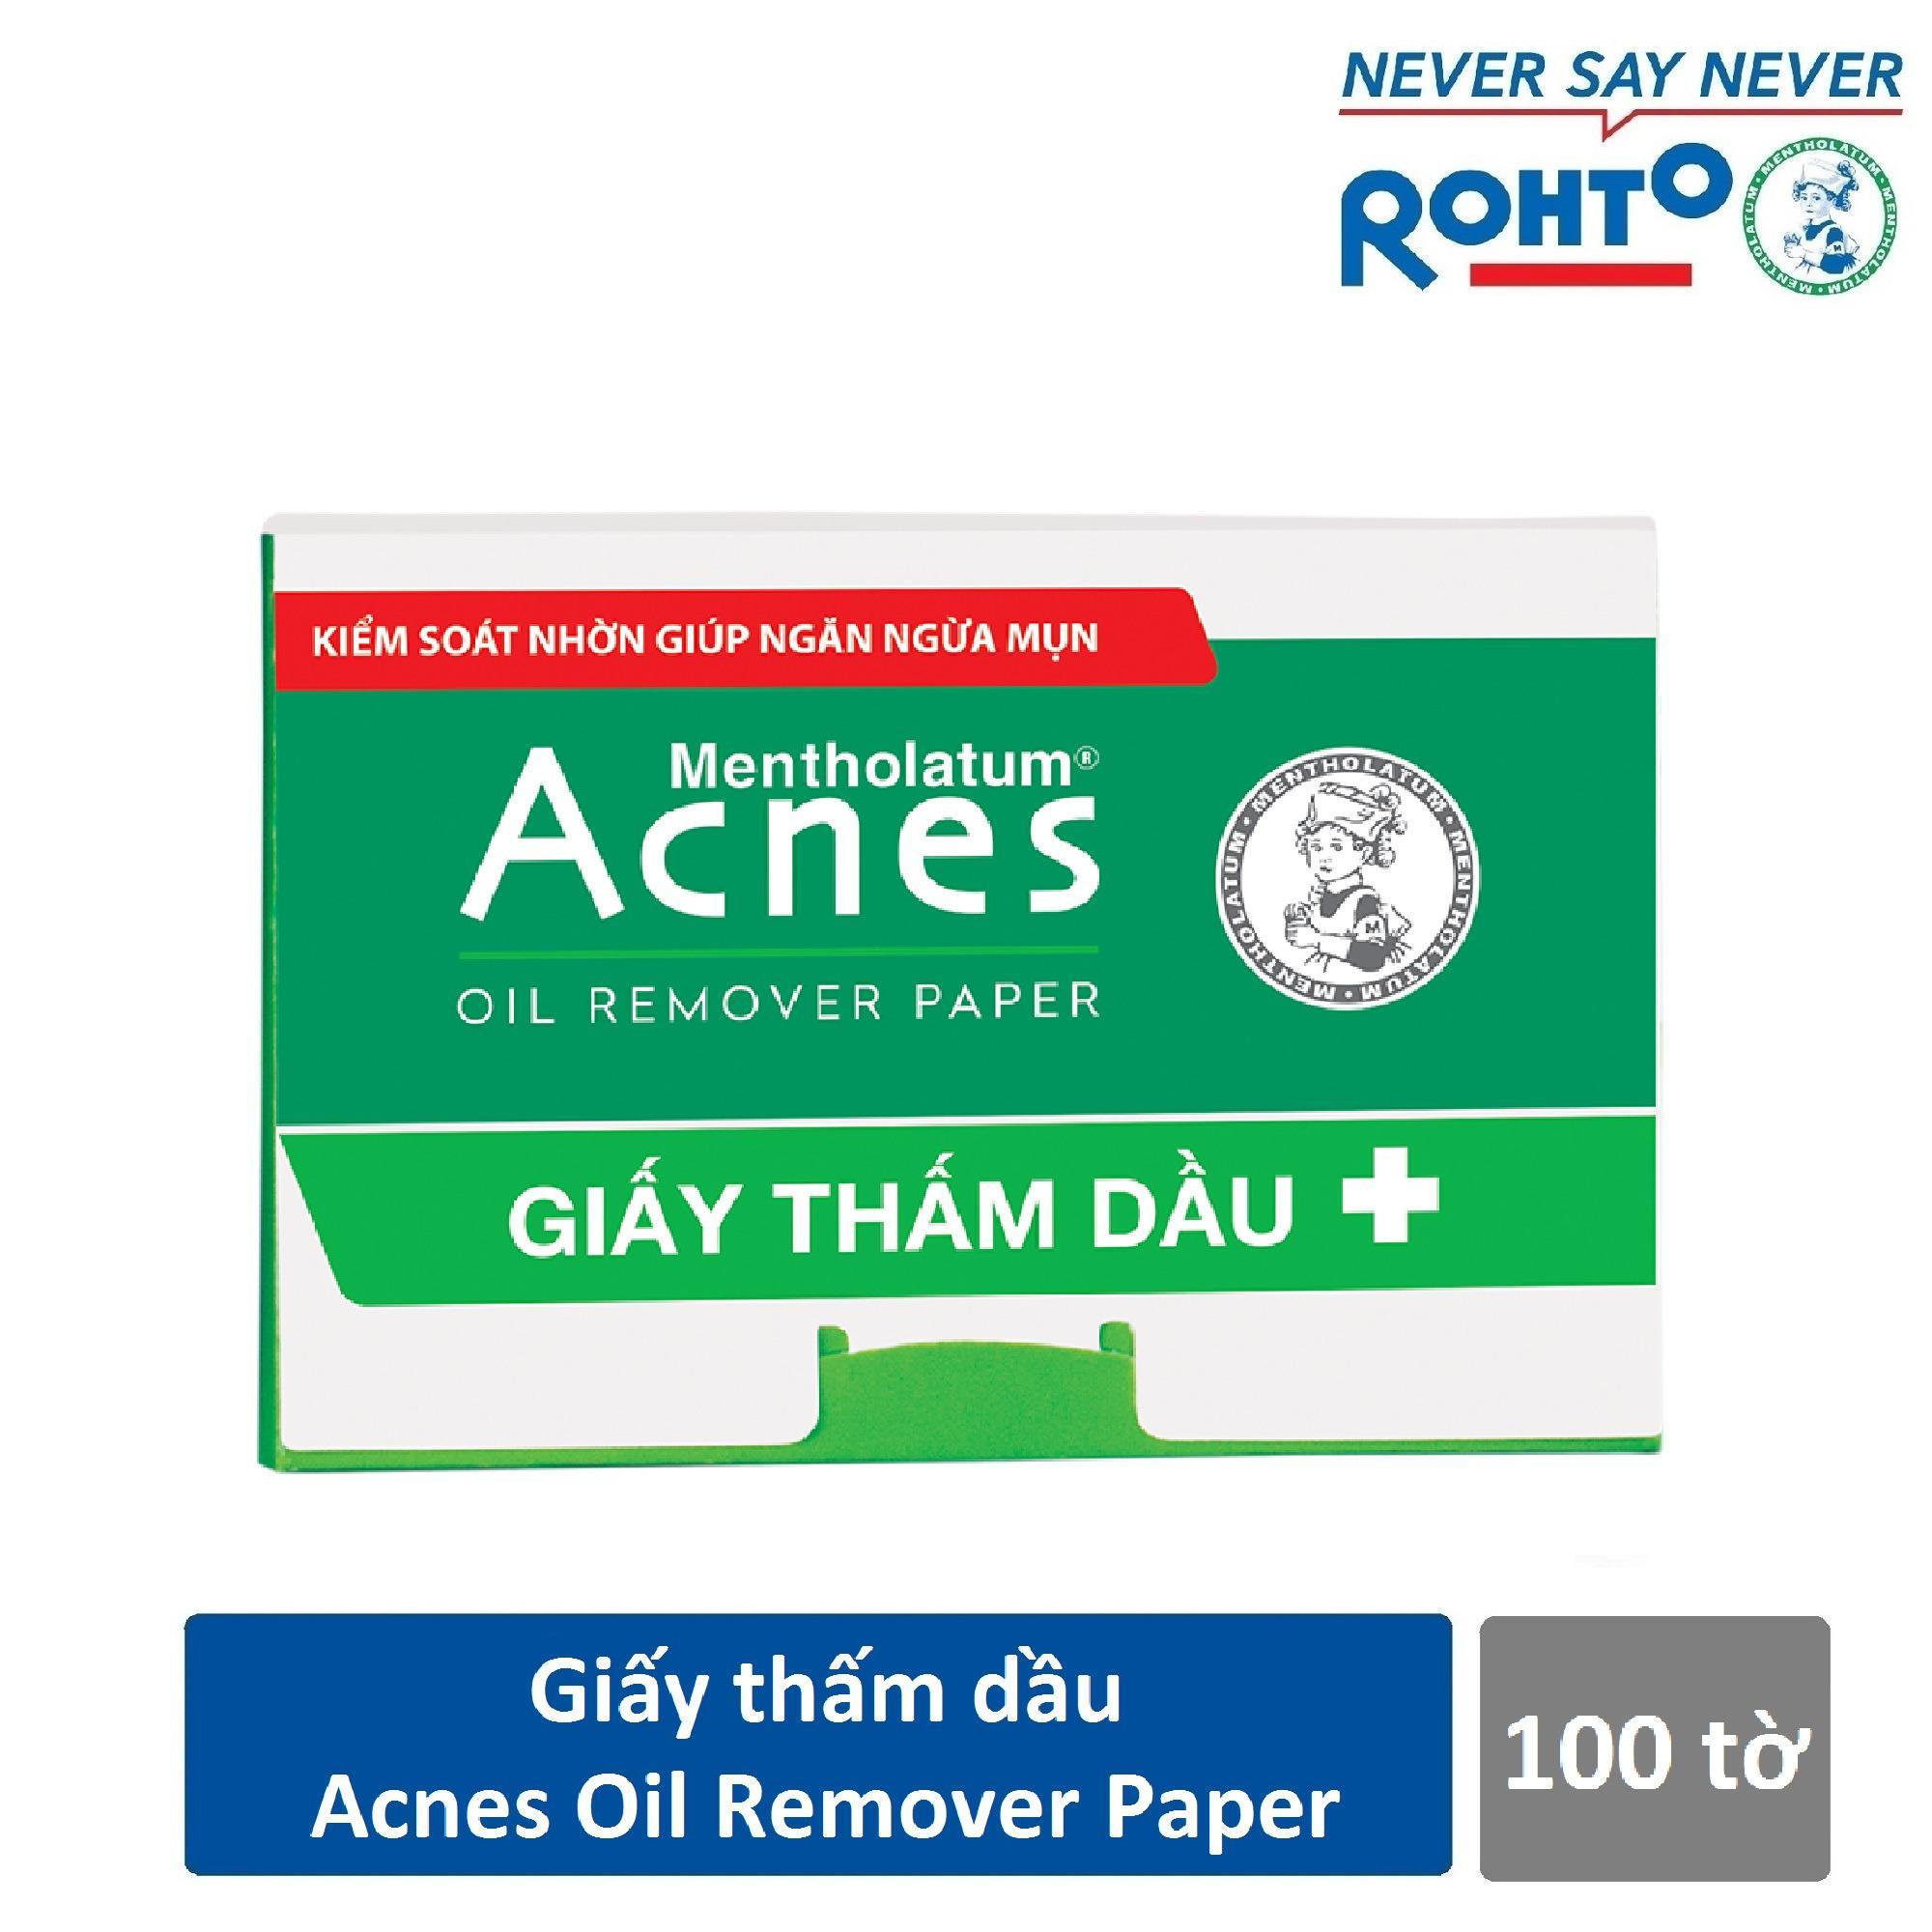 Hình ảnh Giấy thấm dầu Acnes Oil Remover Paper (100 tờ)